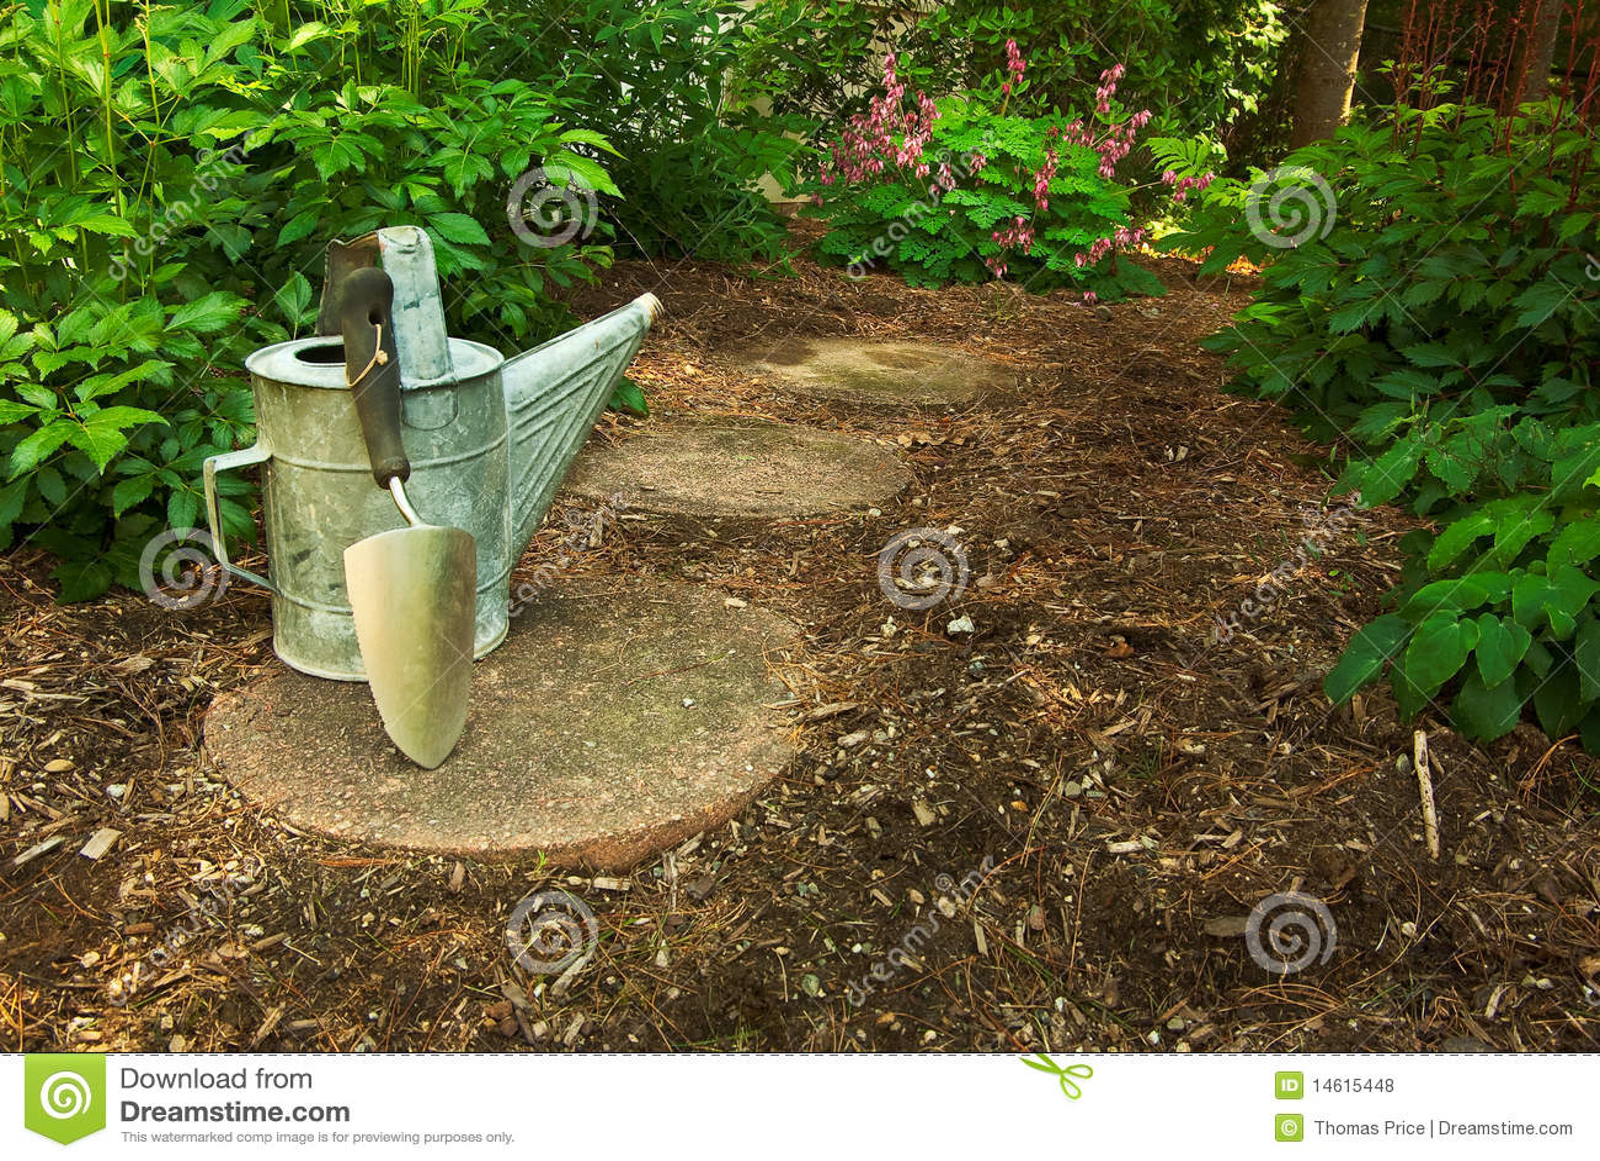 Alte Bewässerung Dose und Trowel in einem Garten